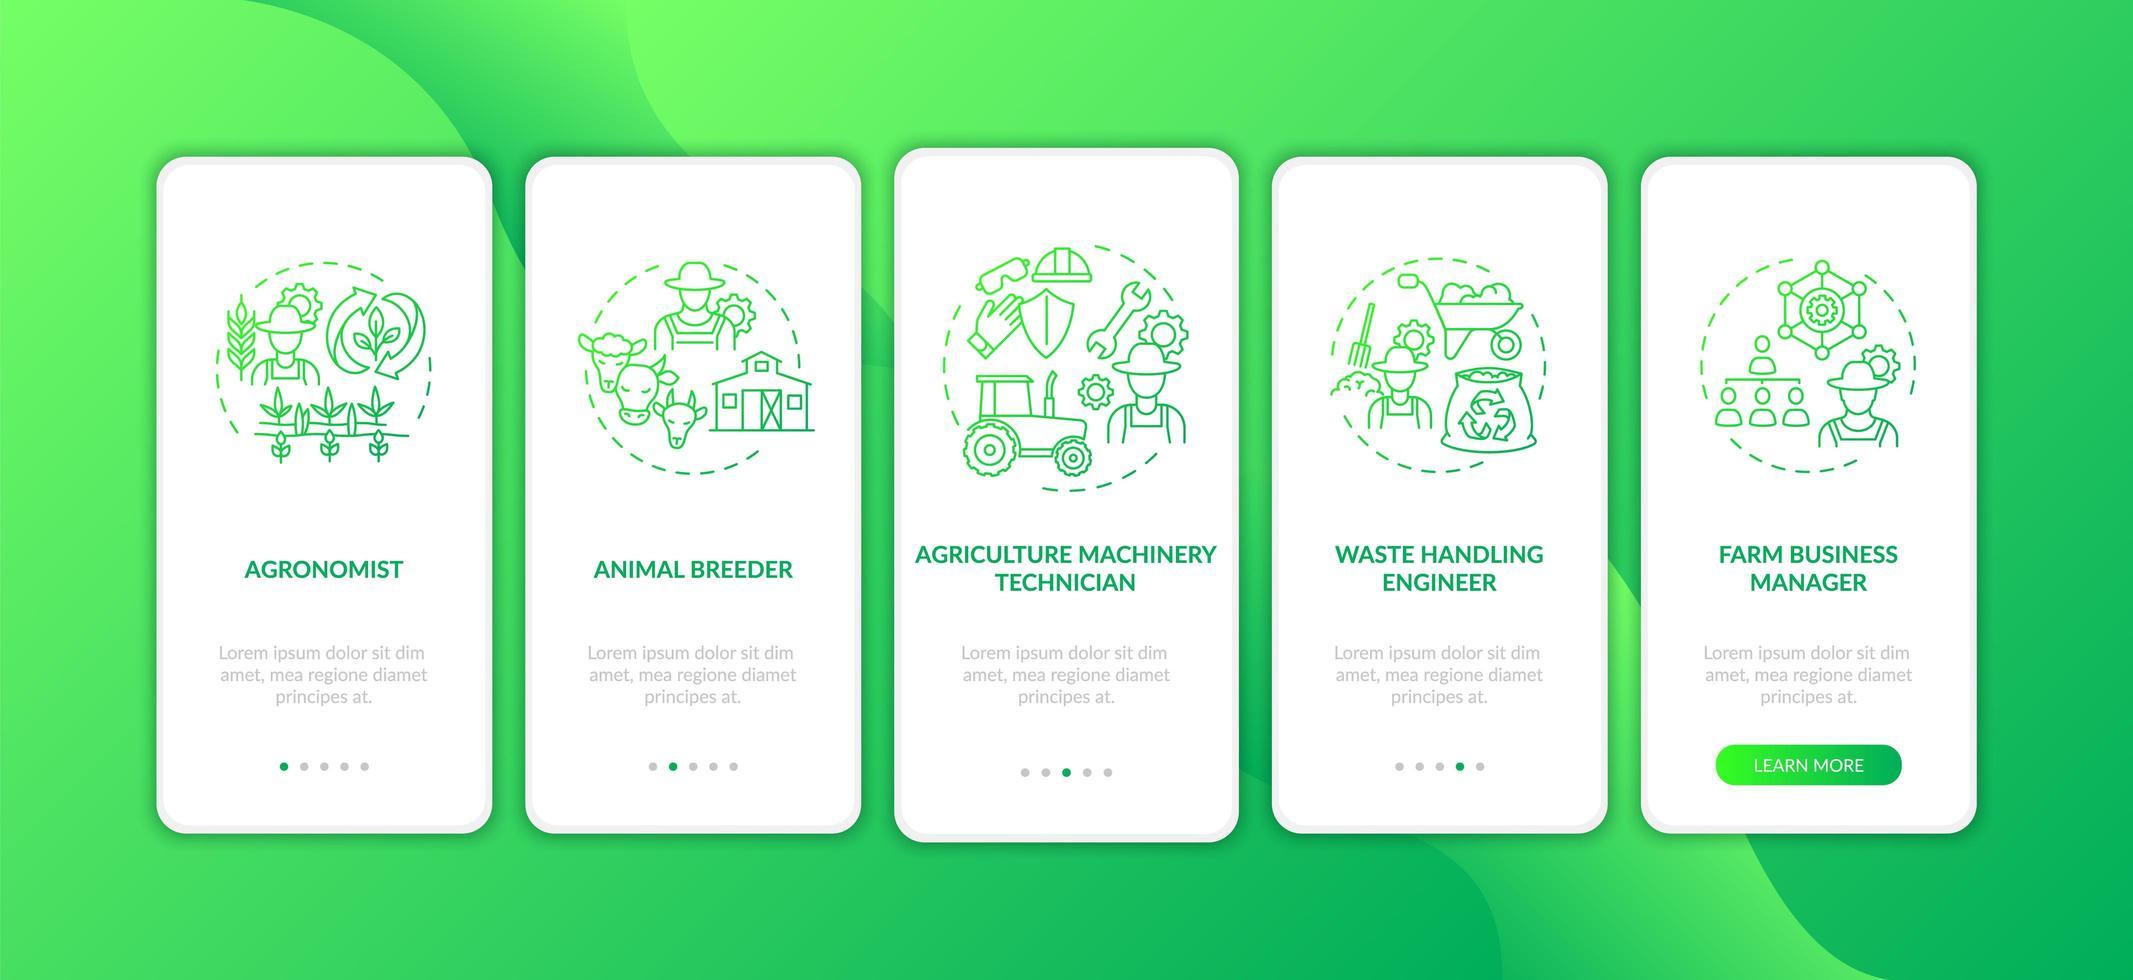 Écran de la page de l'application mobile d'intégration des meilleures carrières agricoles avec des concepts vecteur